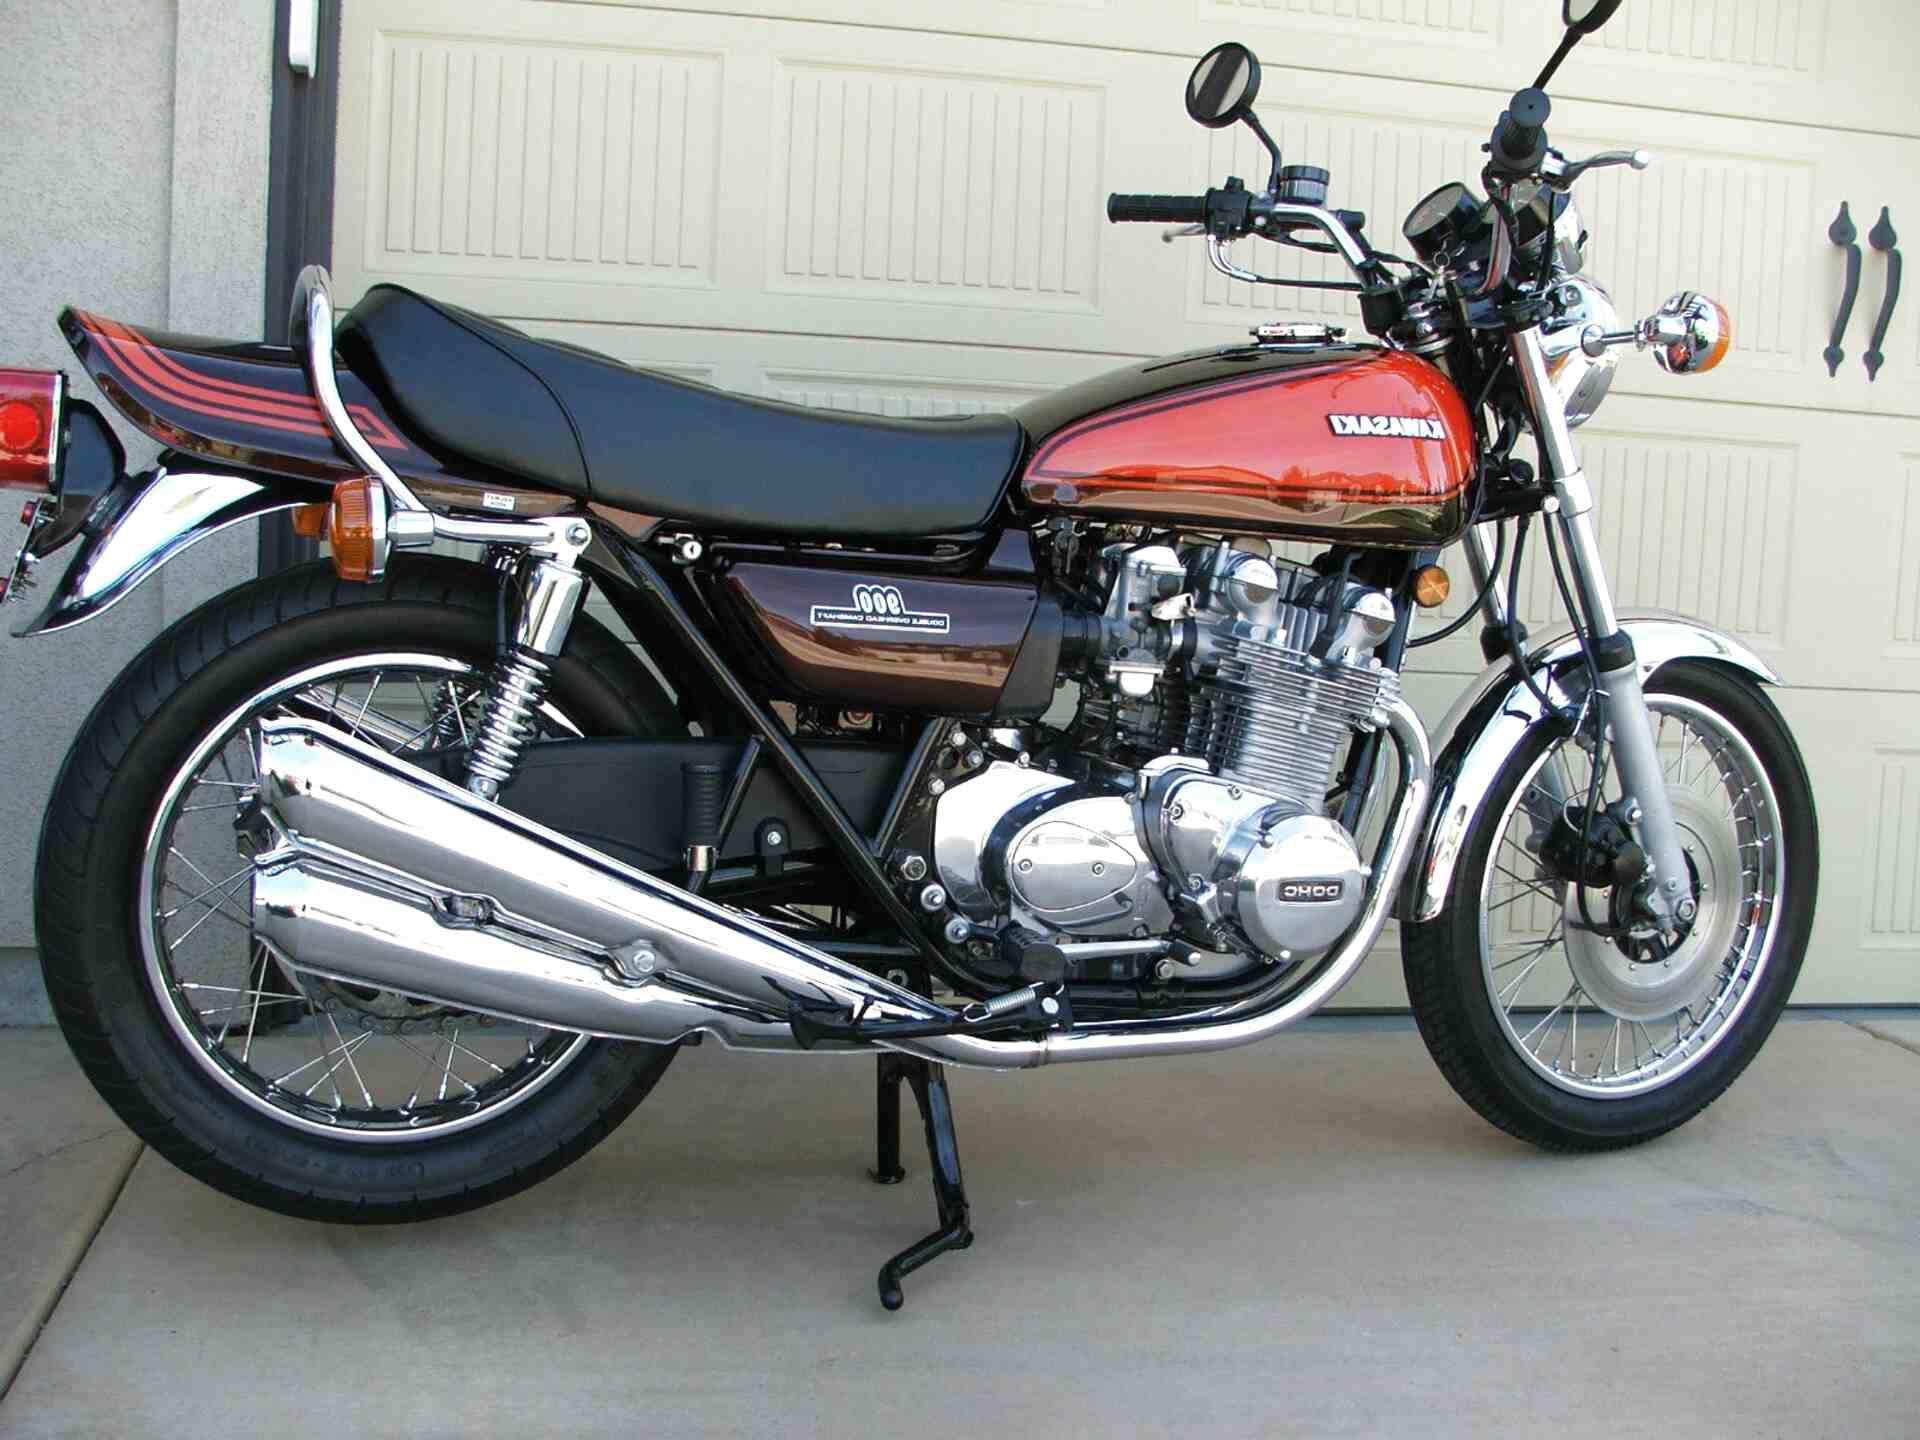 Z1 Z1a Z1b Kz900 Kz1000 Kawasaki Z900 Z1000 Carb Inlet Rubbers Intake